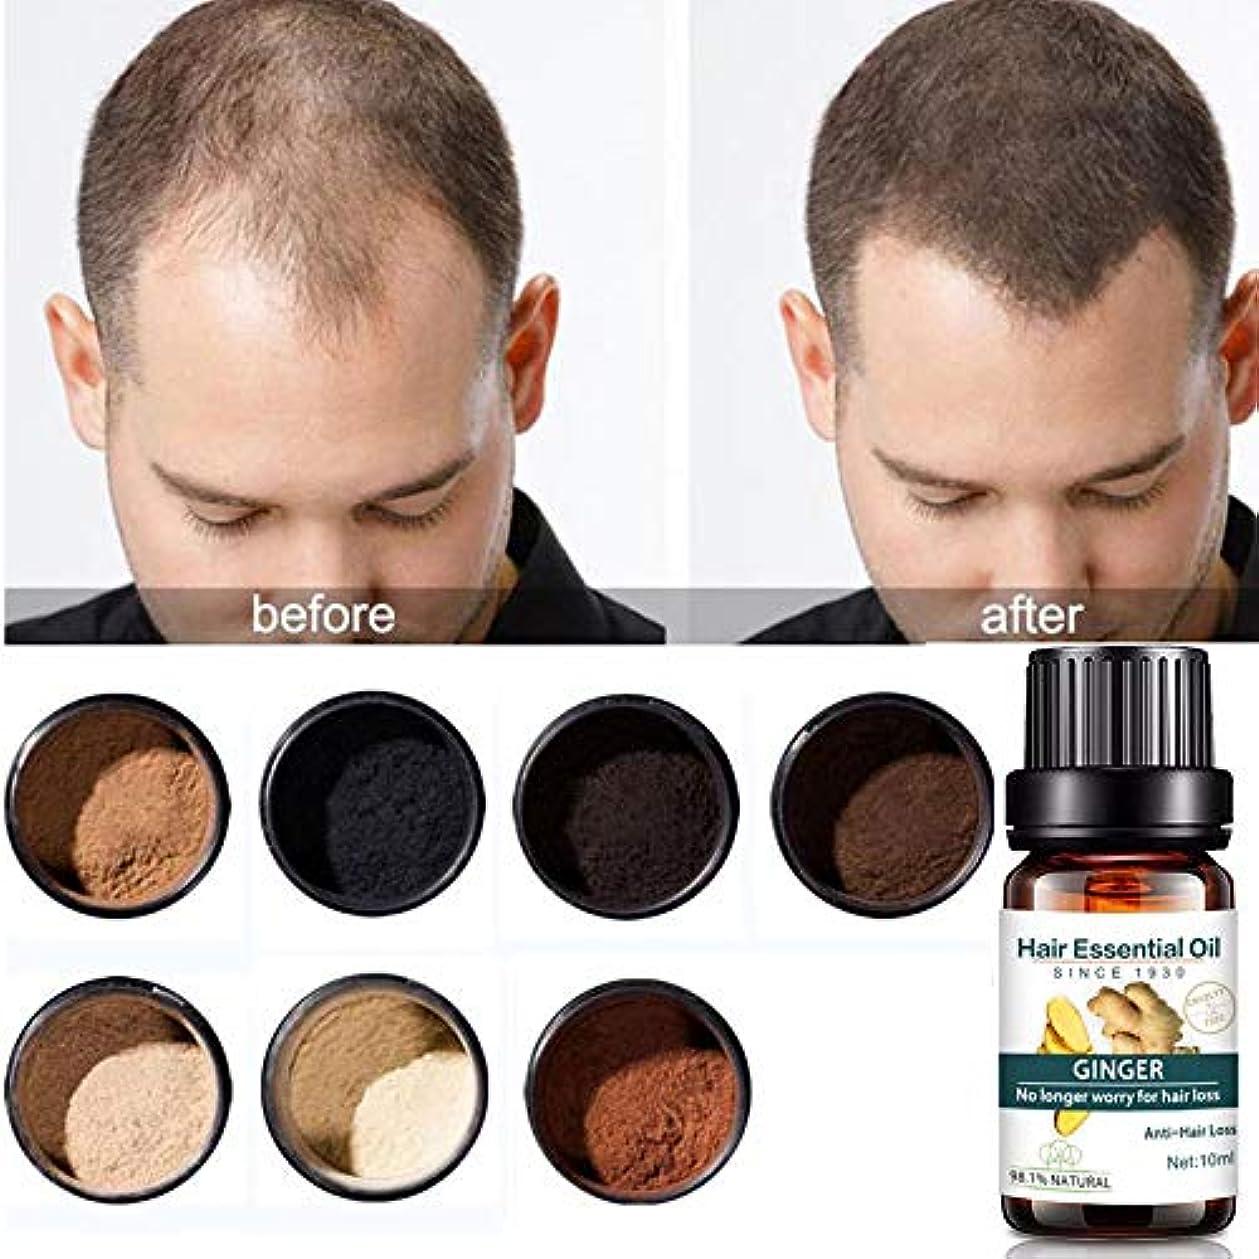 インフラ消すオプショナル育毛トリートメントオイル、育毛セラム、育毛ジンジャーオイル、抜け毛を防止、育毛促進